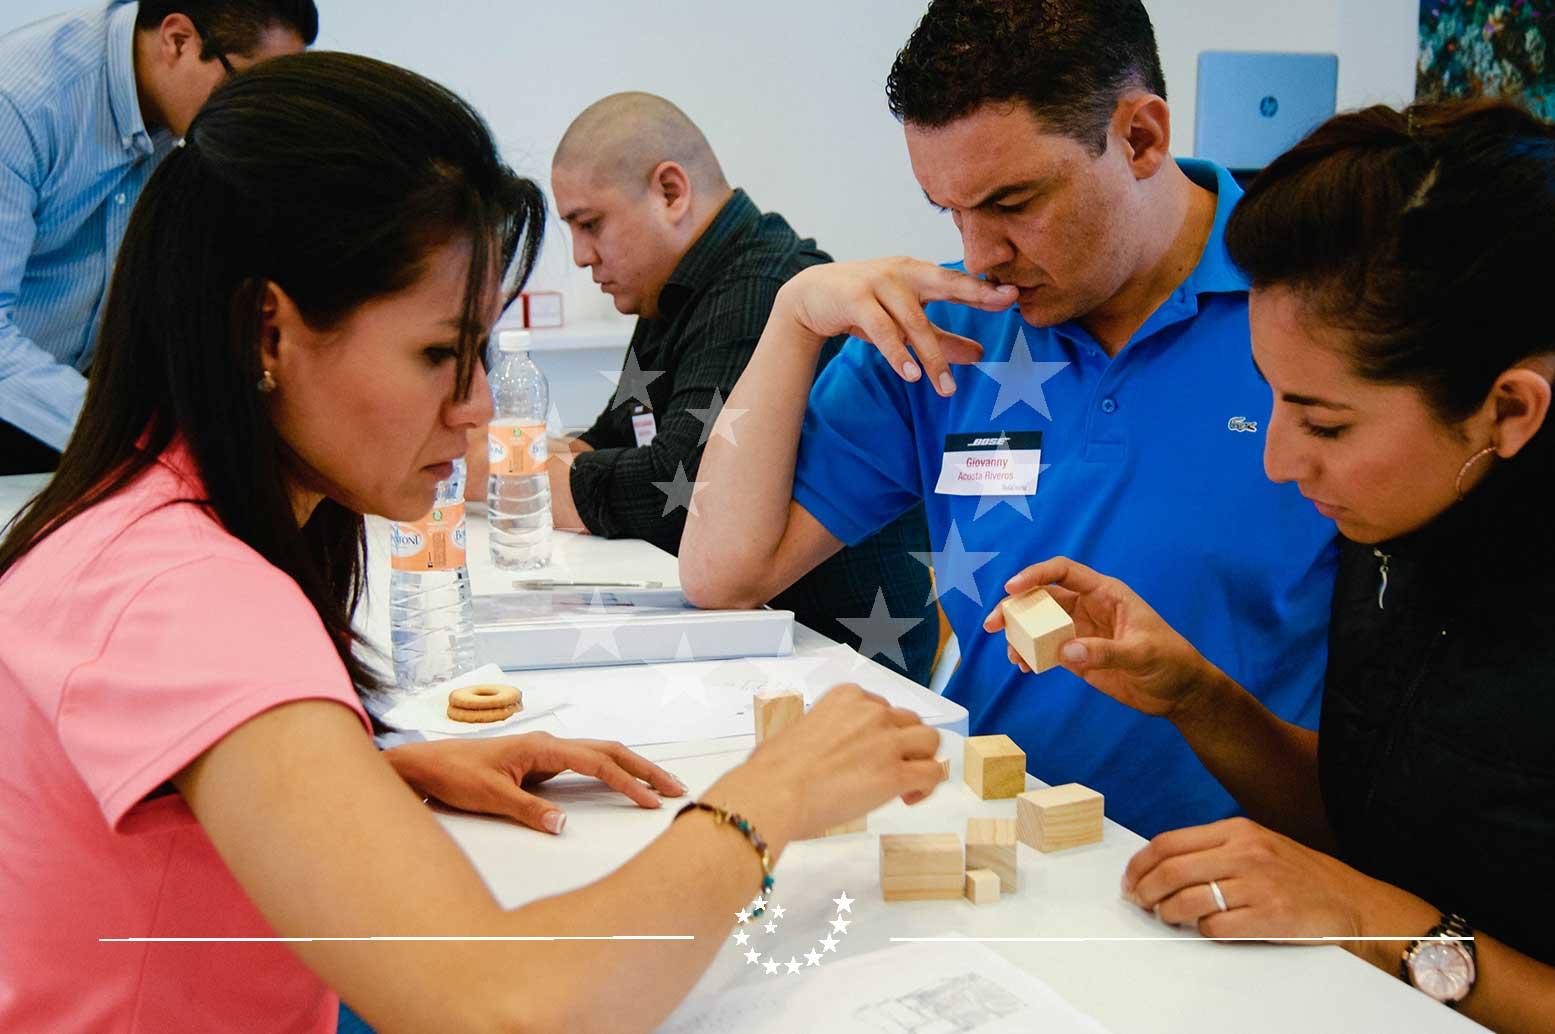 simulacro-de-comunicacion-y-team-building-de-integracion-17